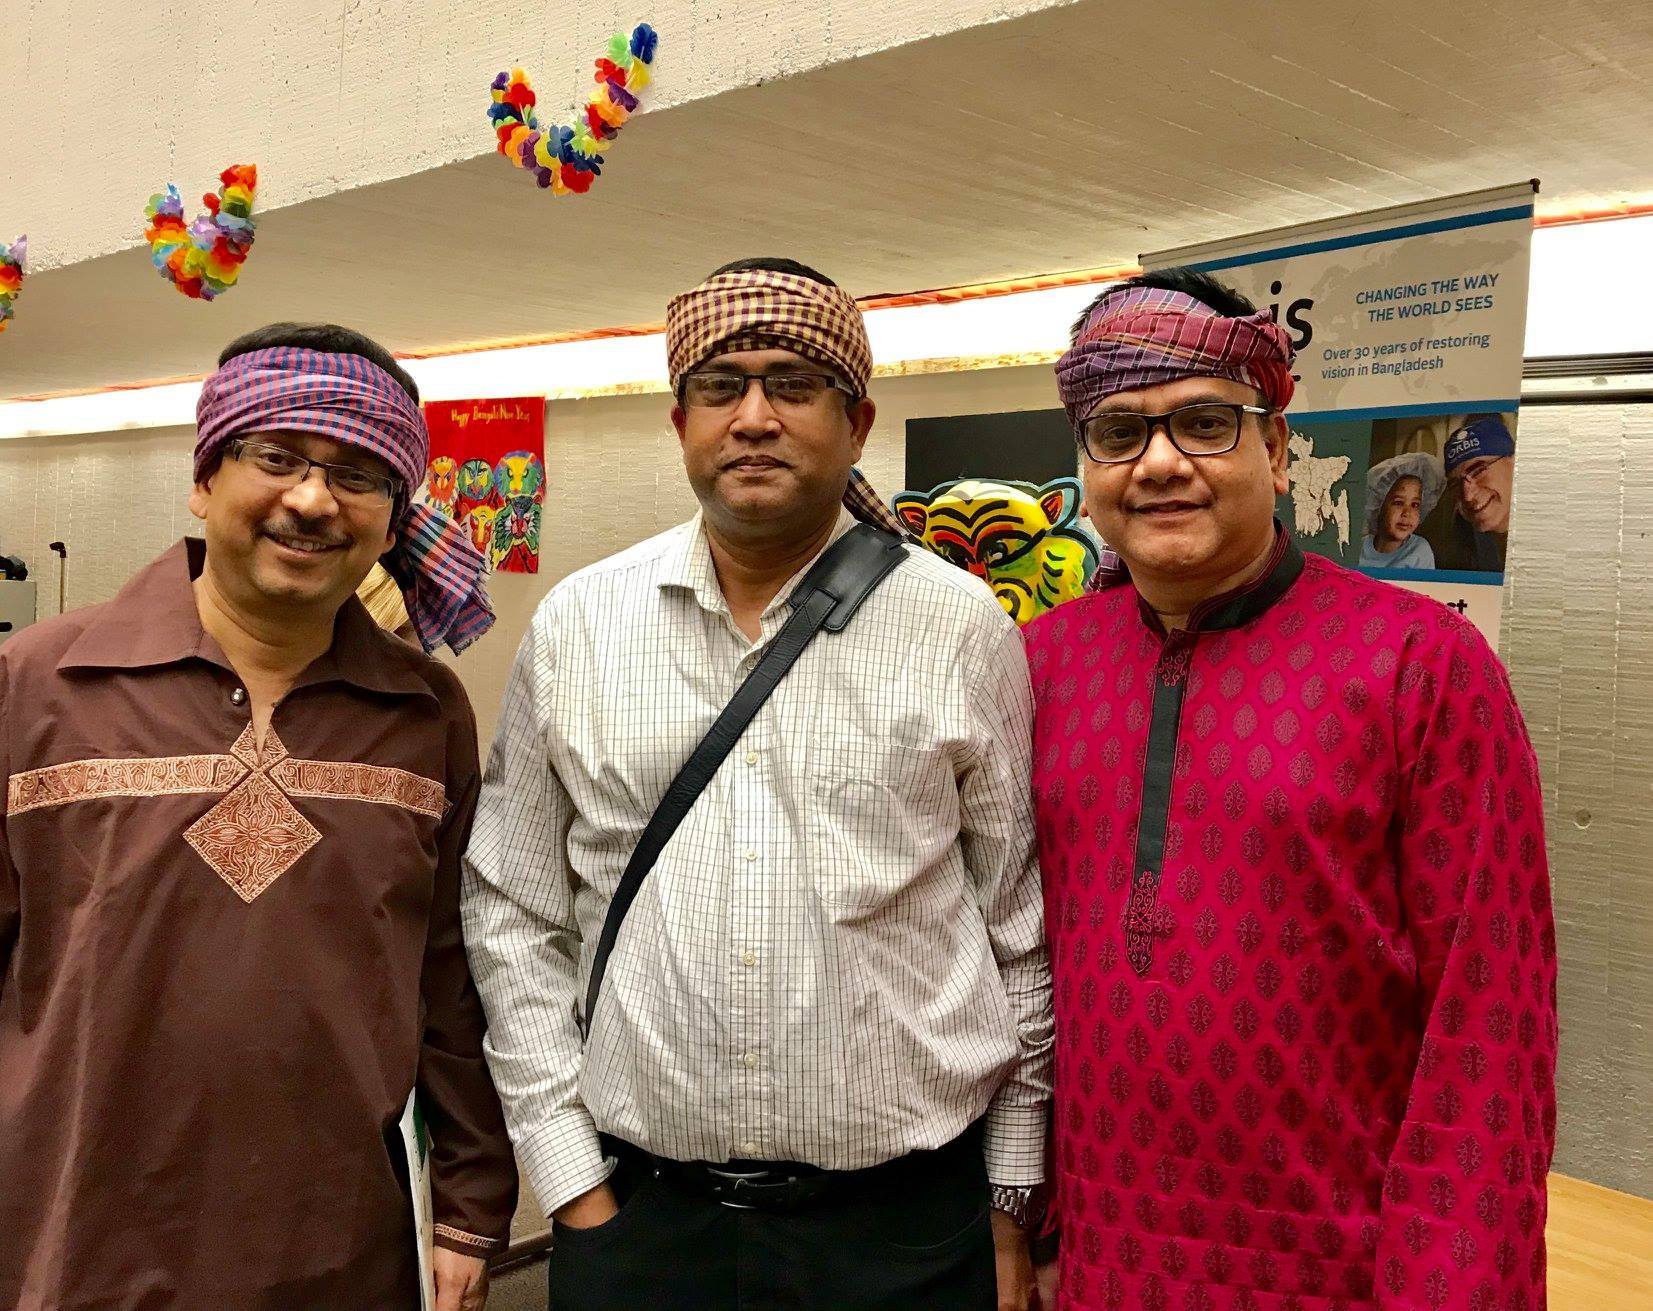 A few board members - Abu Mohsin, Arif Sohel & Rezwan Ahmed